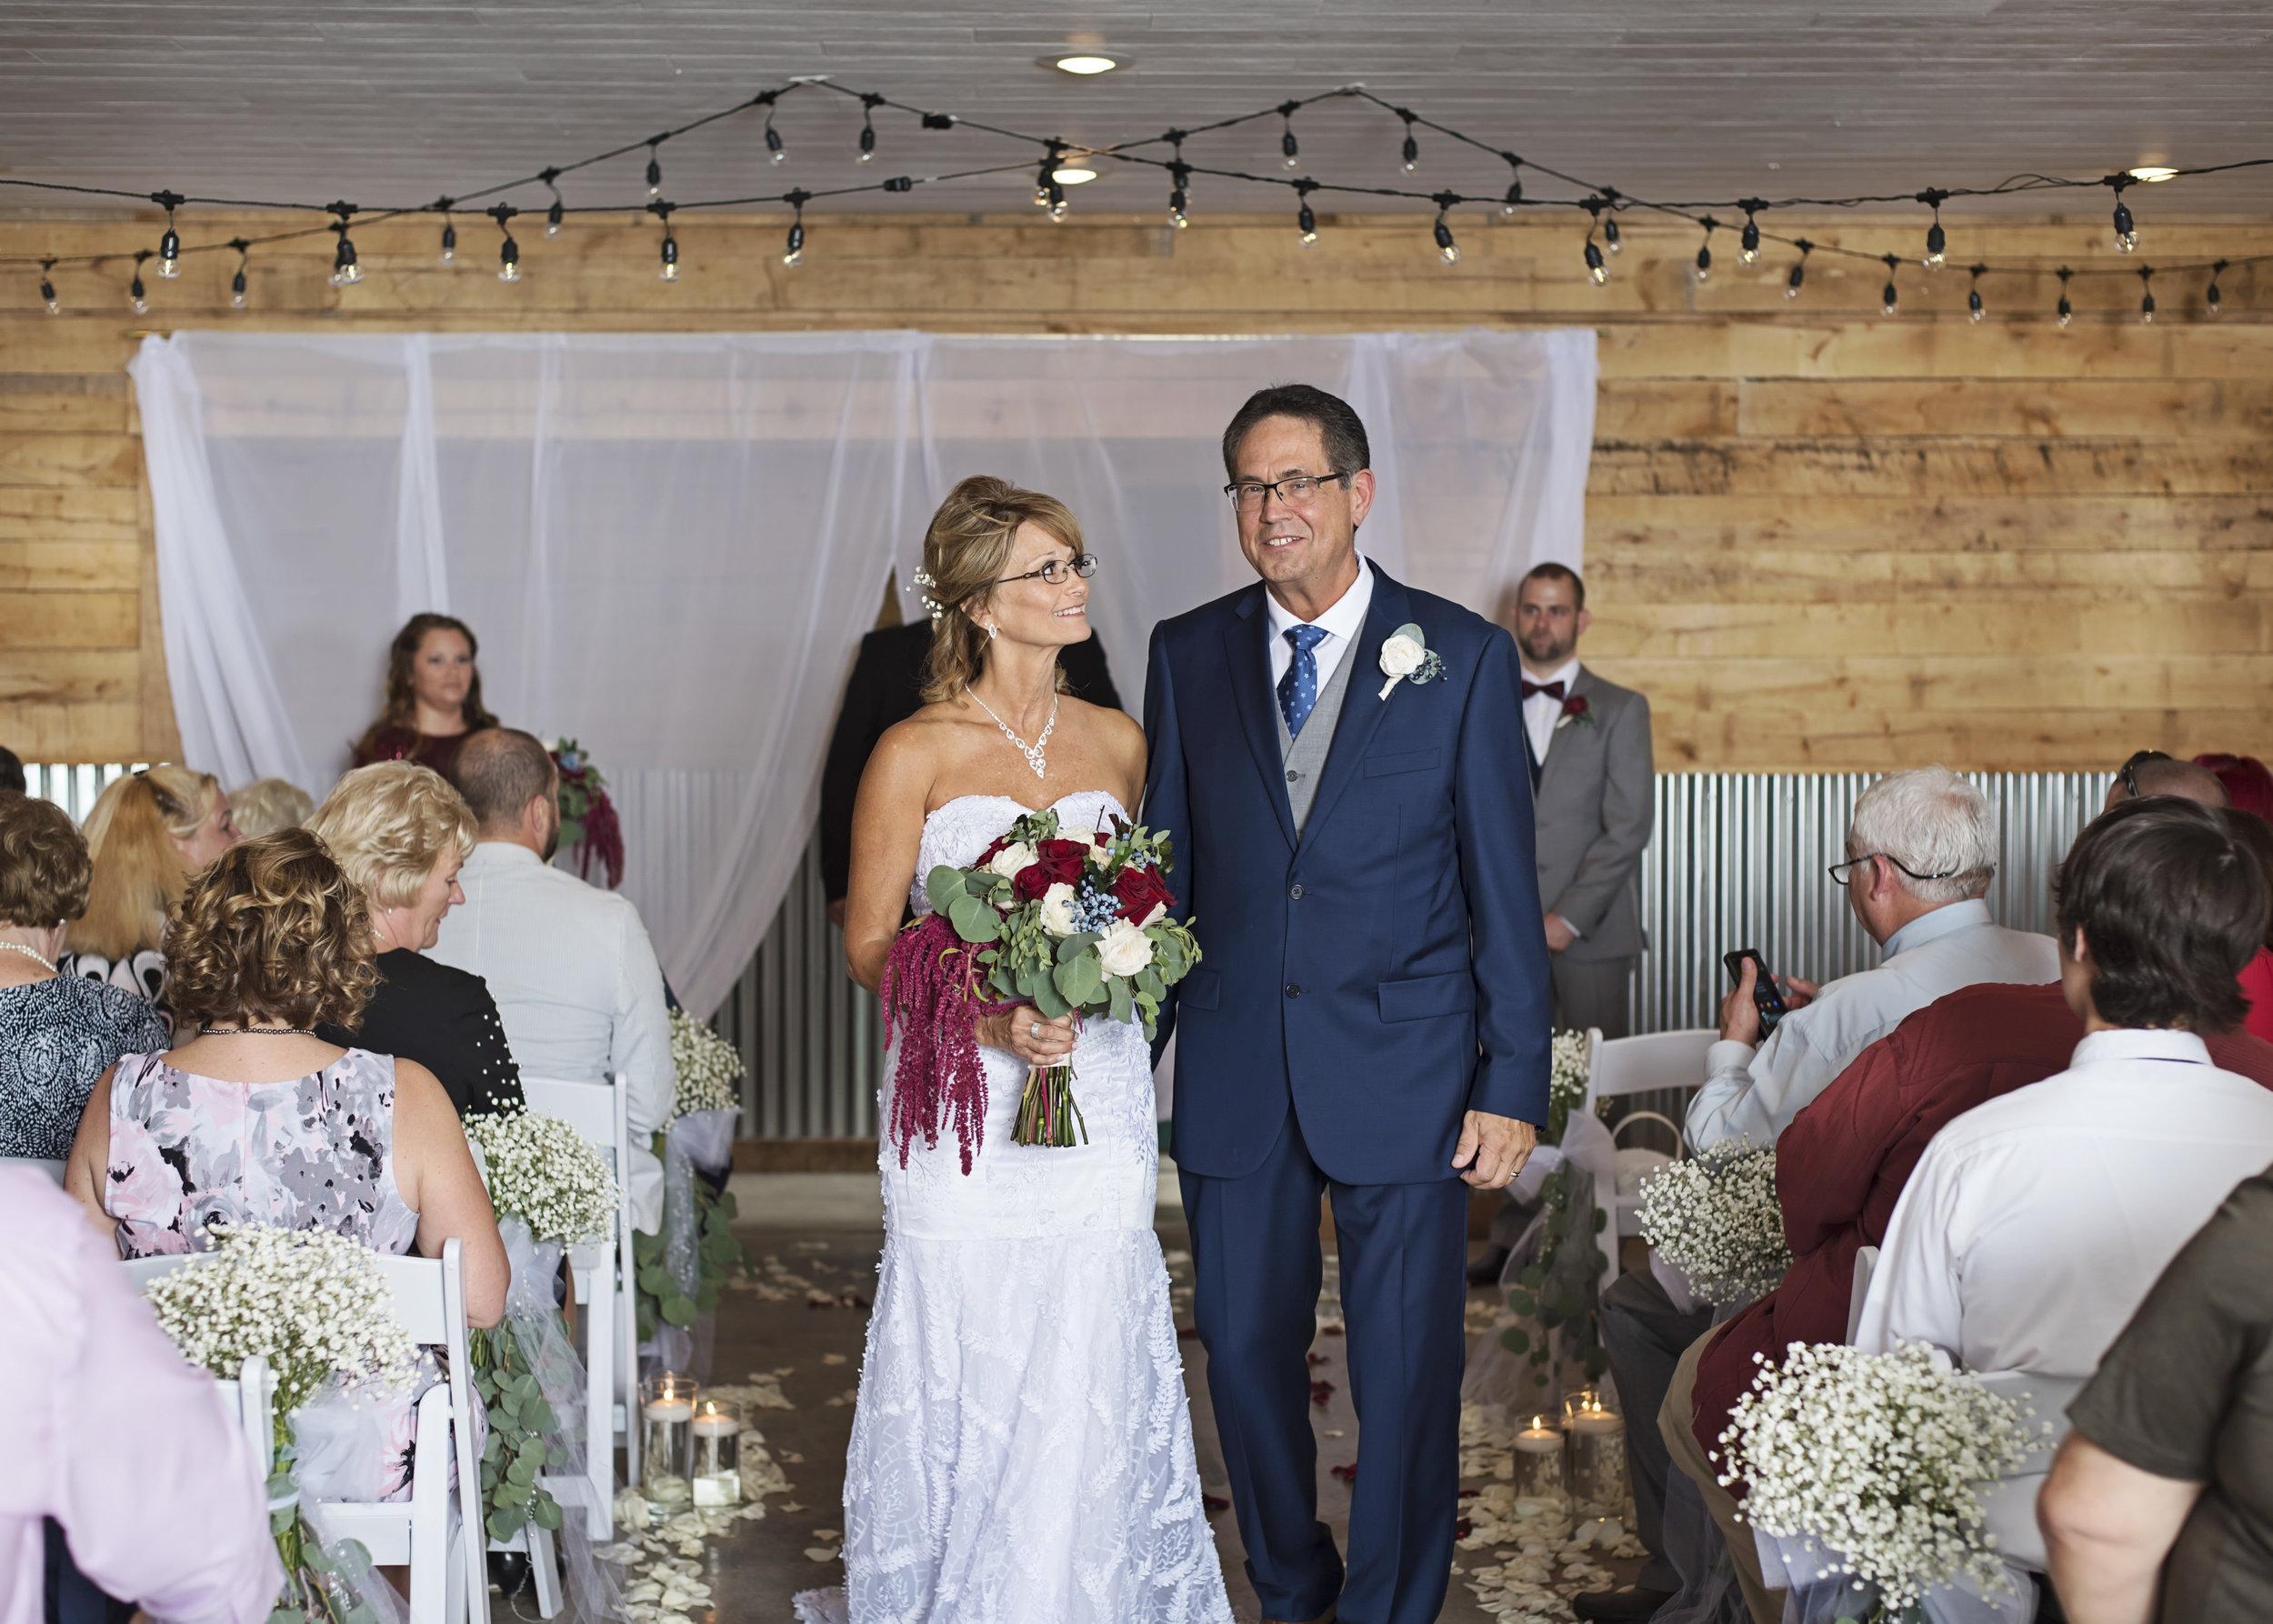 Ruthie+Wayne_Wedding_Sneak_Peek_18.jpg